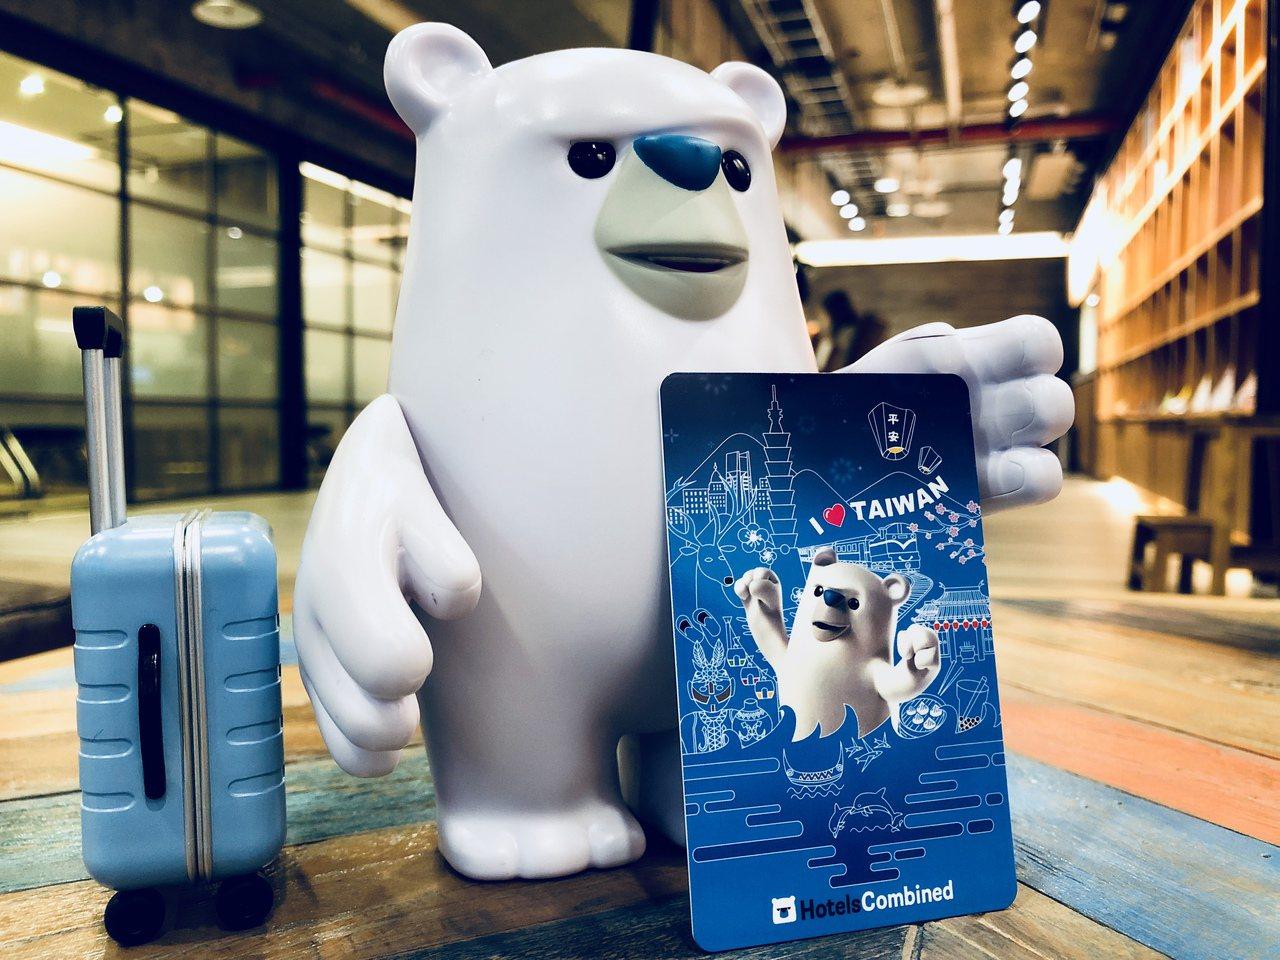 可愛的MAX熊遊台灣一卡通,透過指定方式預訂旅宿即可獲得。圖/一卡通提供